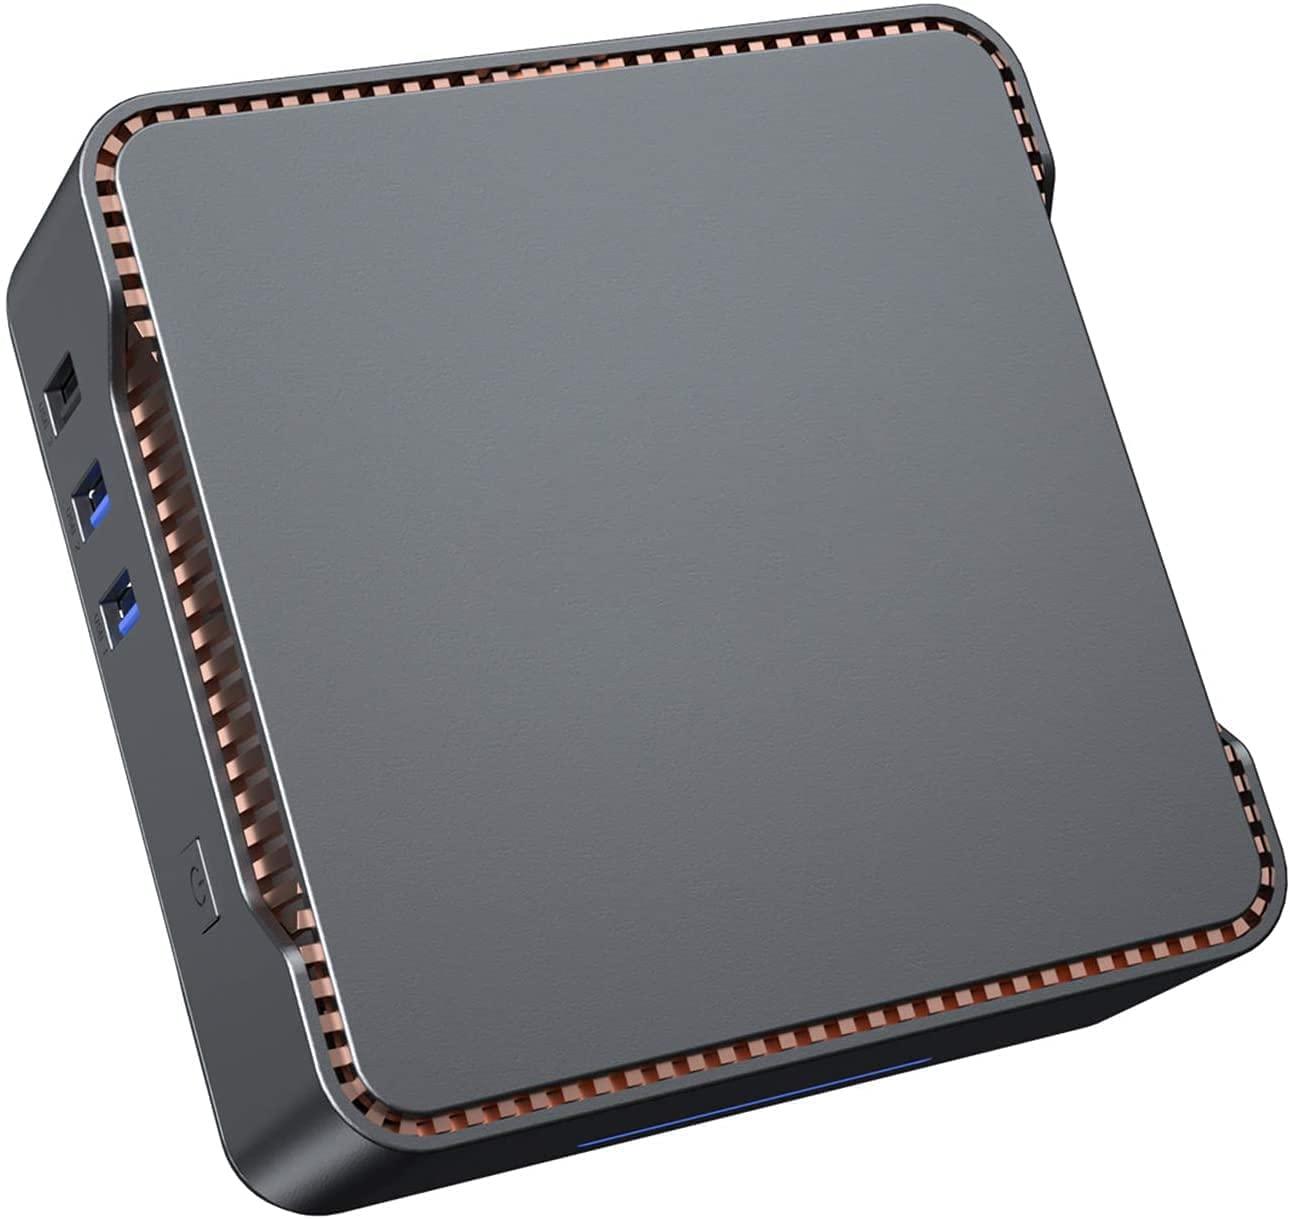 アマゾンでミニPC/Win10 Pro/Celeron N3350/eMMC64GB/4GBのもっさりパソコンが8880円でセール中。